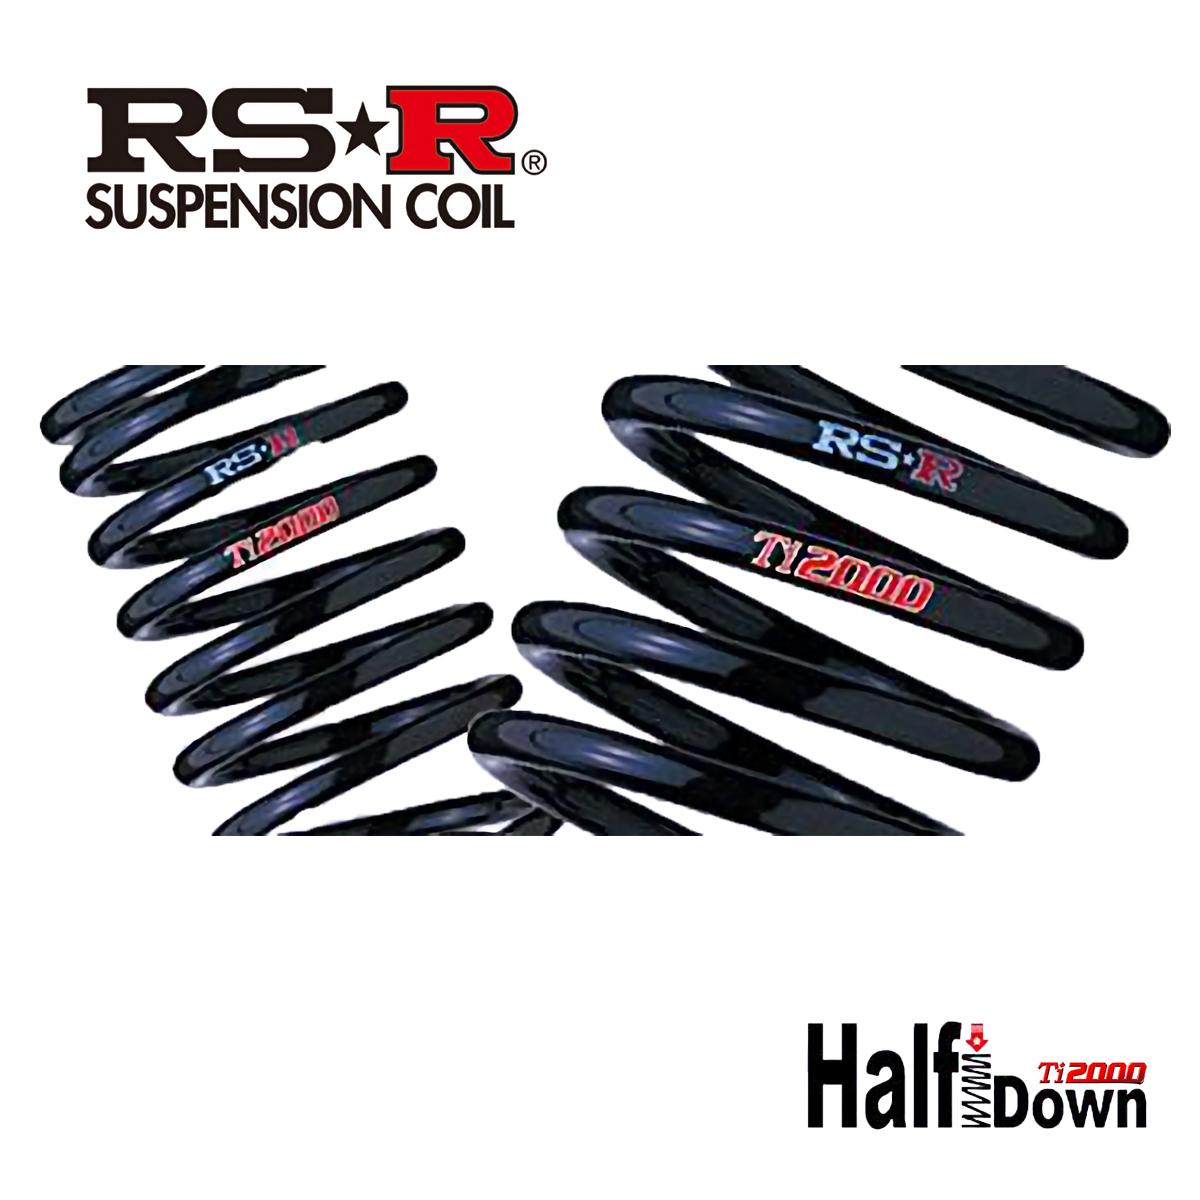 RS-R ワゴンR ハイブリッドFX MH55S ダウンサス スプリング 1台分 S177THD Ti2000 ハーフダウン RSR 個人宅発送追金有